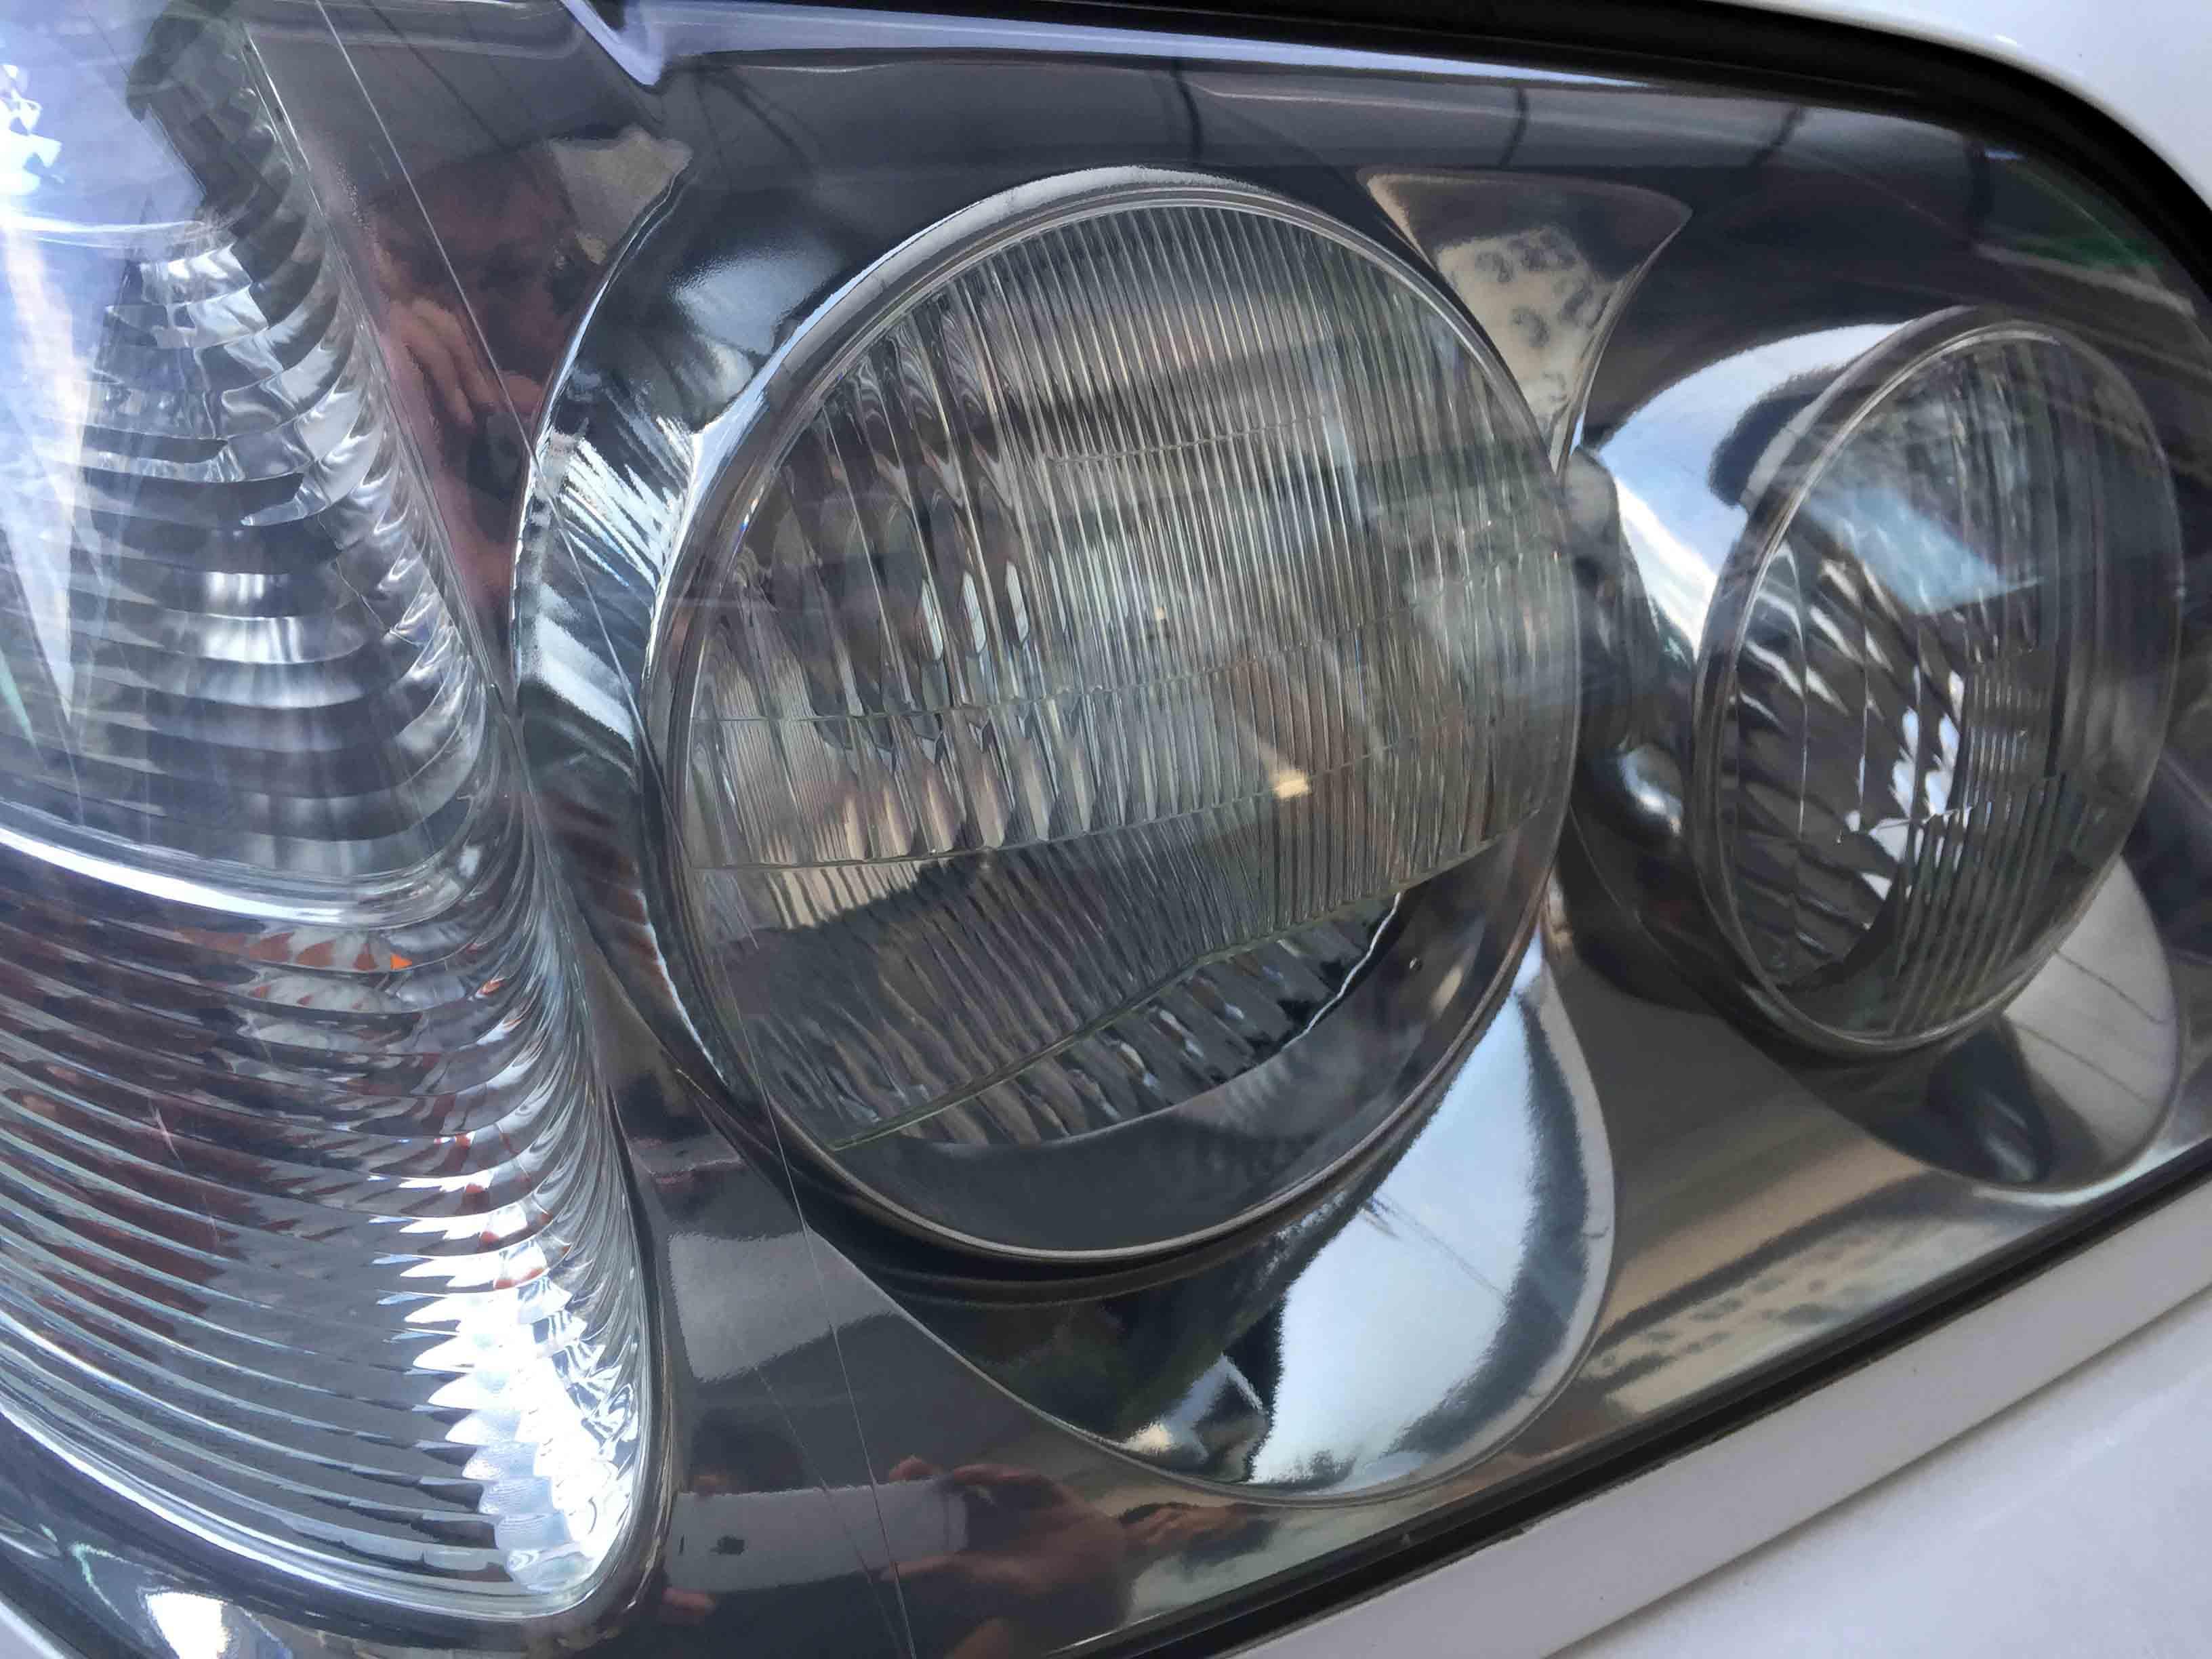 トヨタ17系クラウンのヘッドライトリフレッシュ後は内部も綺麗に見ることができます